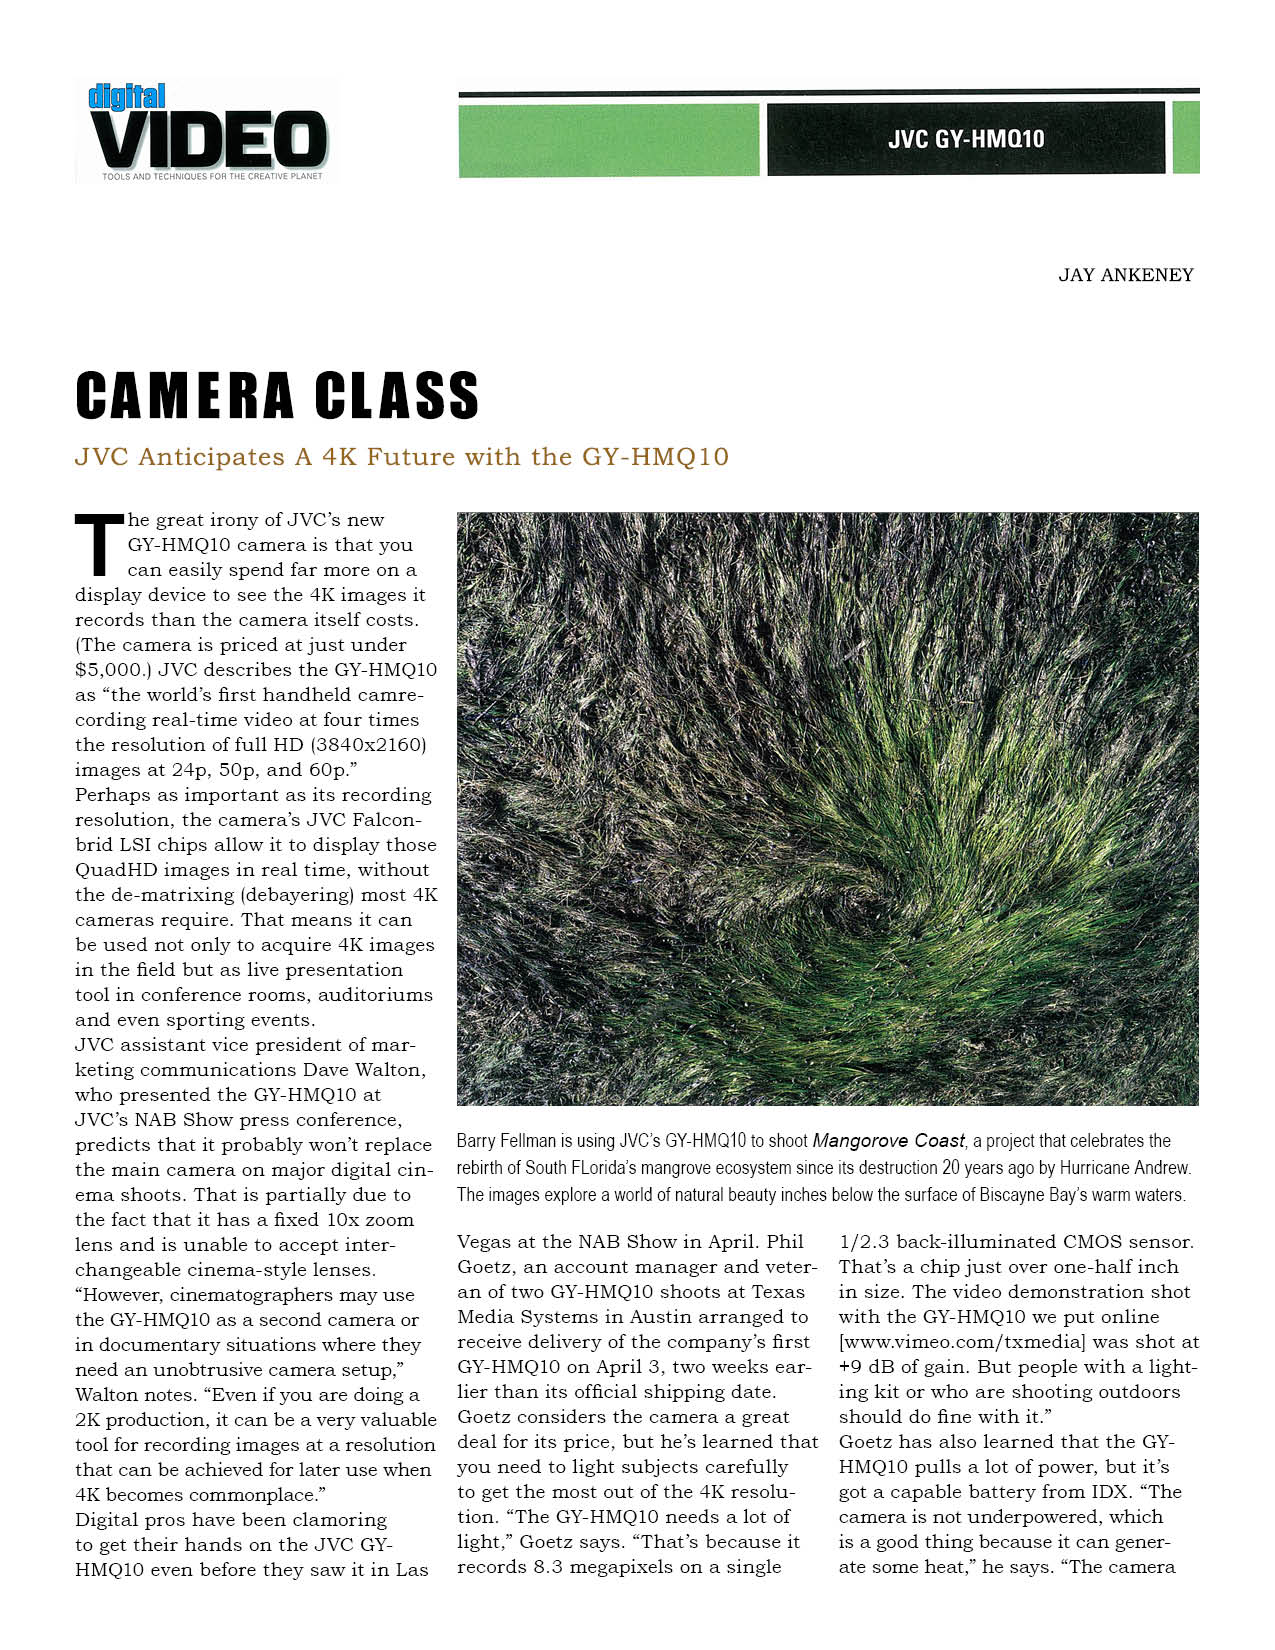 CameraClassPG1